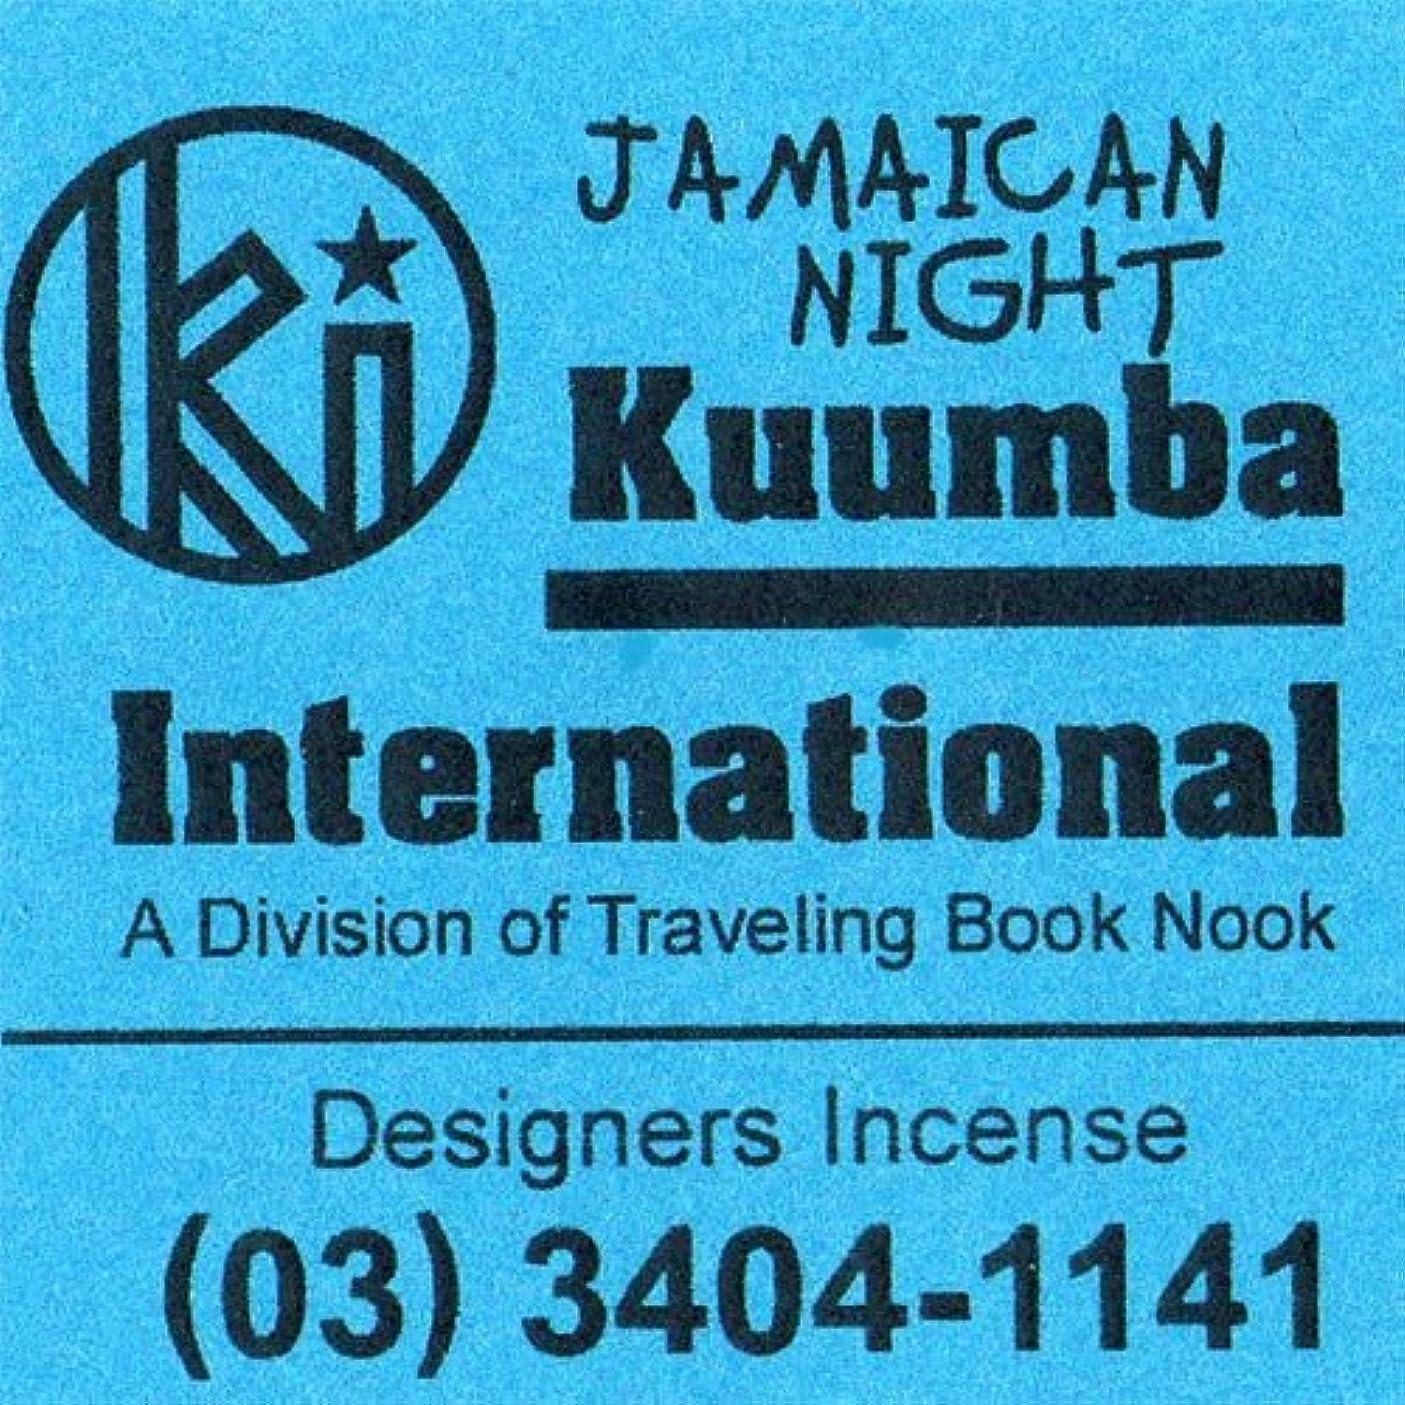 ブラケットエレガント頑固なKUUMBA / クンバ『incense』(JAMAICAN NIGHT) (Regular size)